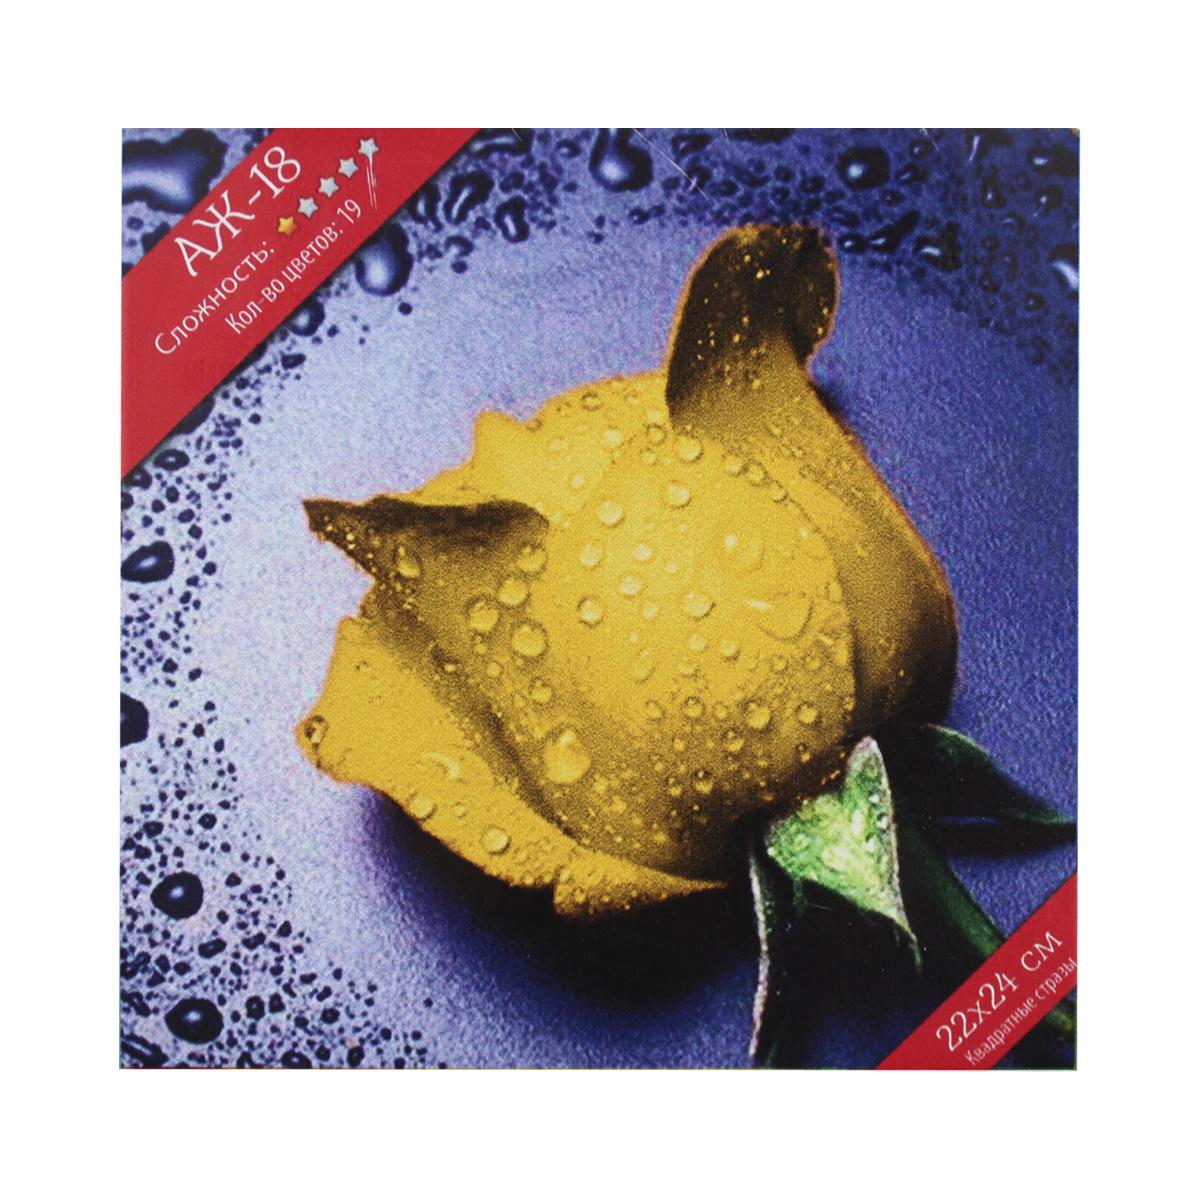 Набор для изготовления картины со стразами Алмазная Живопись Желтая роза, 22 х 24 смАЖ-18/581897В состав набора входит: полотно-схема с клеевым слоем, с условными обозначениями, инструкция, пластиковое блюдце, пинцет, упакованные стразы.